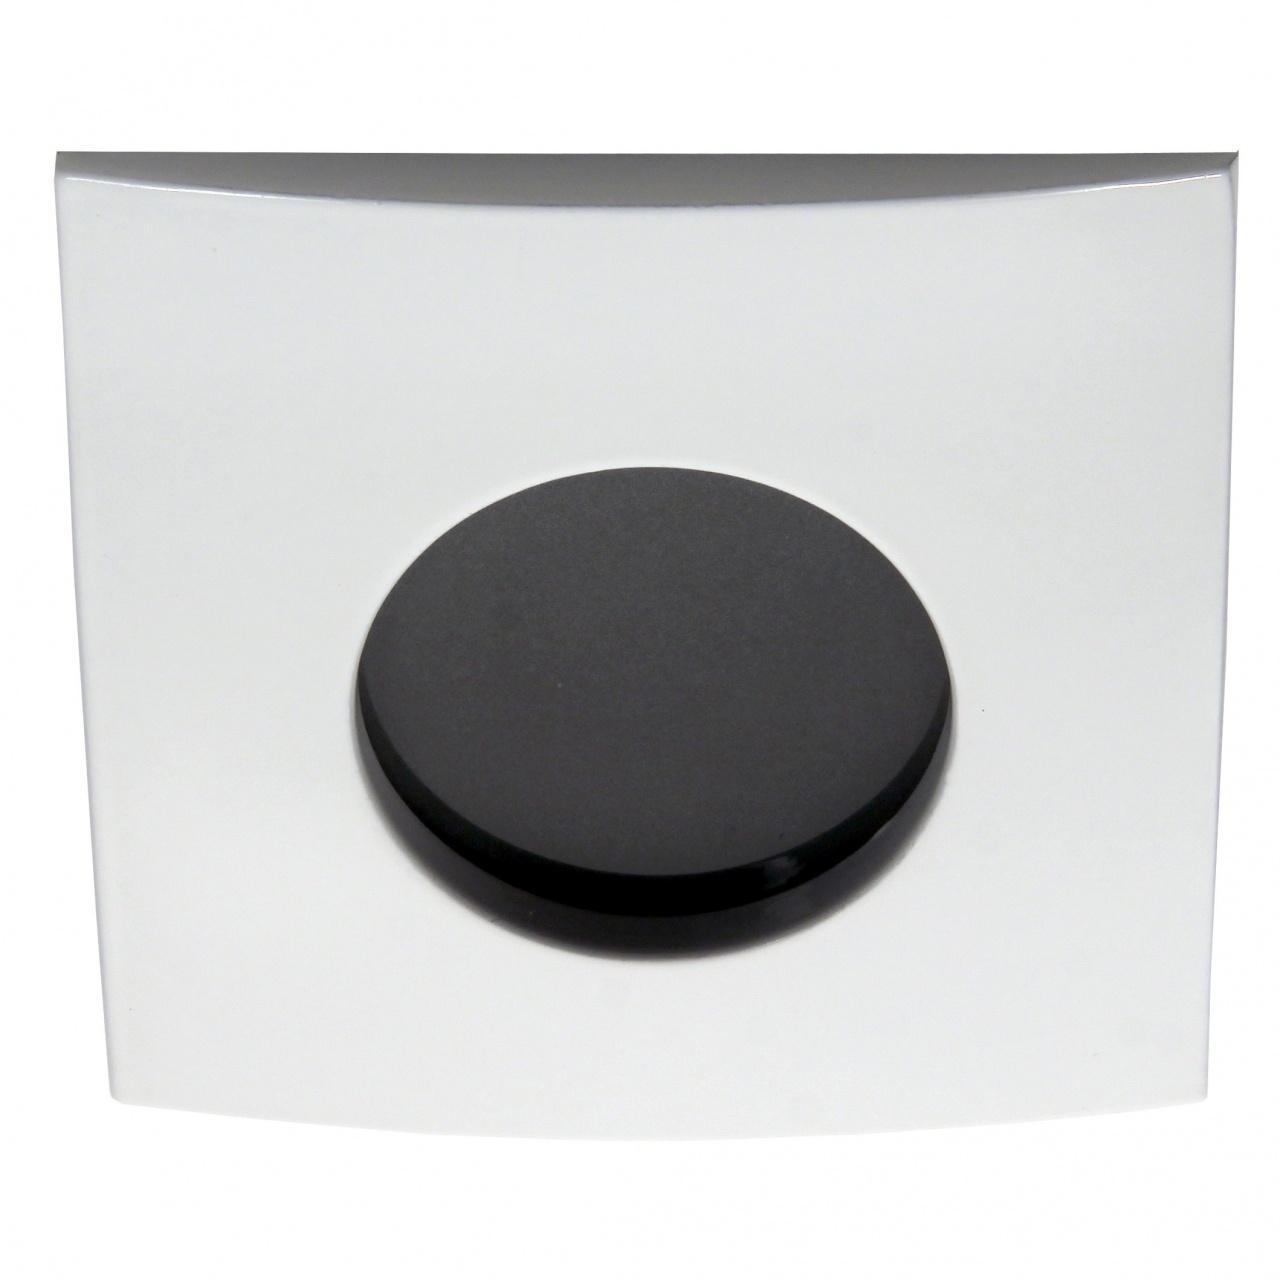 Встраиваемый светильник Donolux SN1515-WH влагозащищенный светильник sn1515 kg donolux